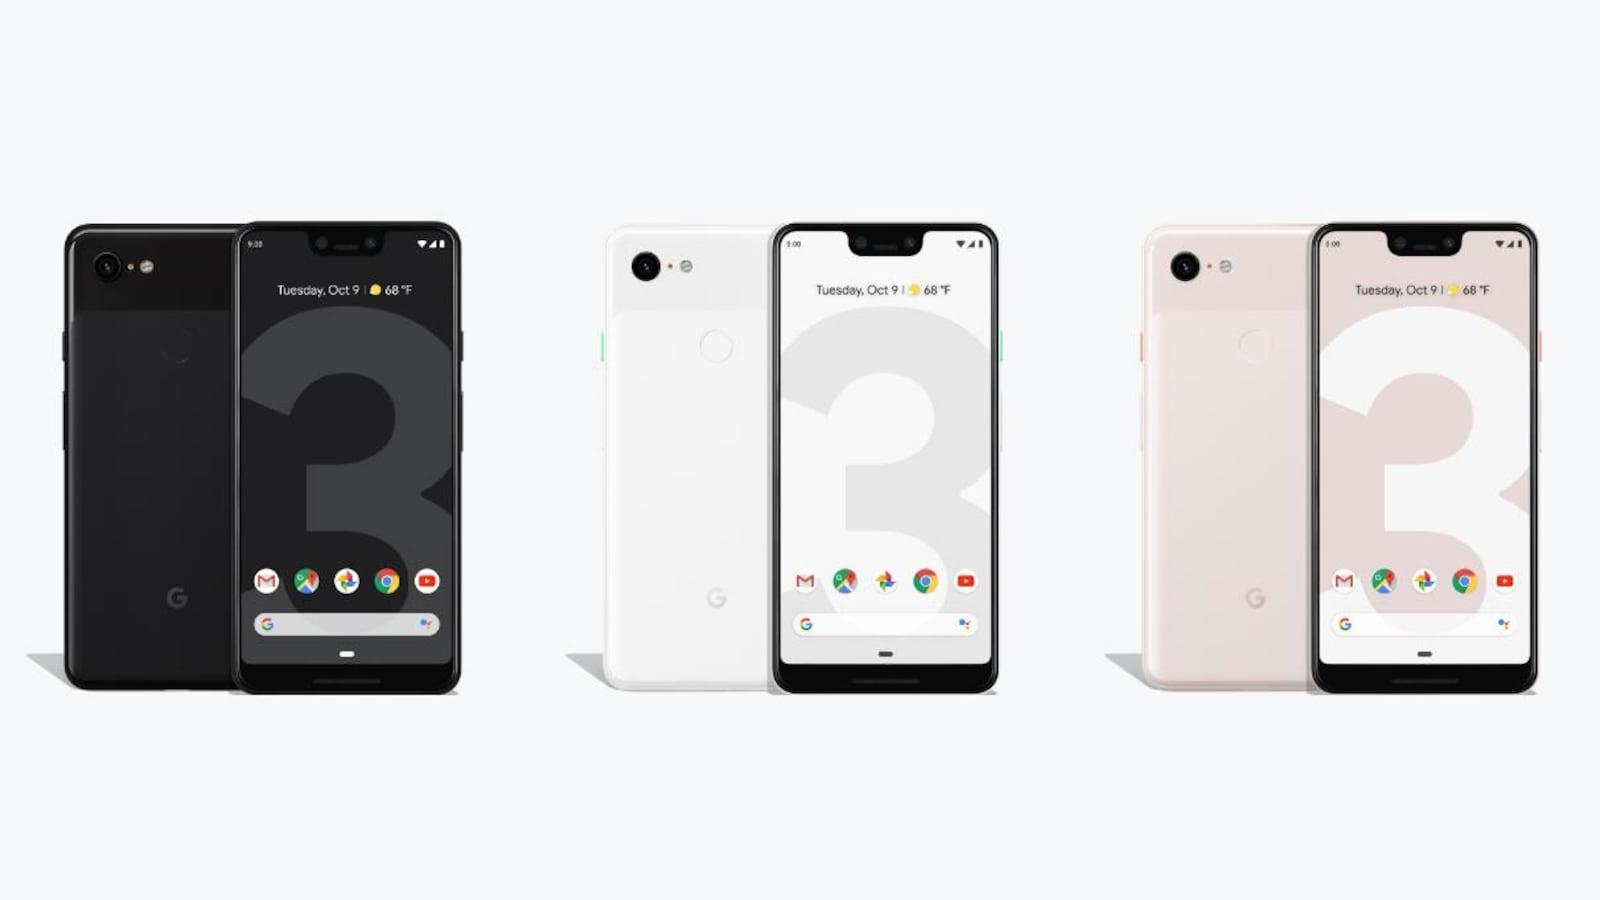 Une photo montrant trois paires de téléphones Pixel 3. La première est noire, la deuxième est blanche et la troisième est rose pâle.